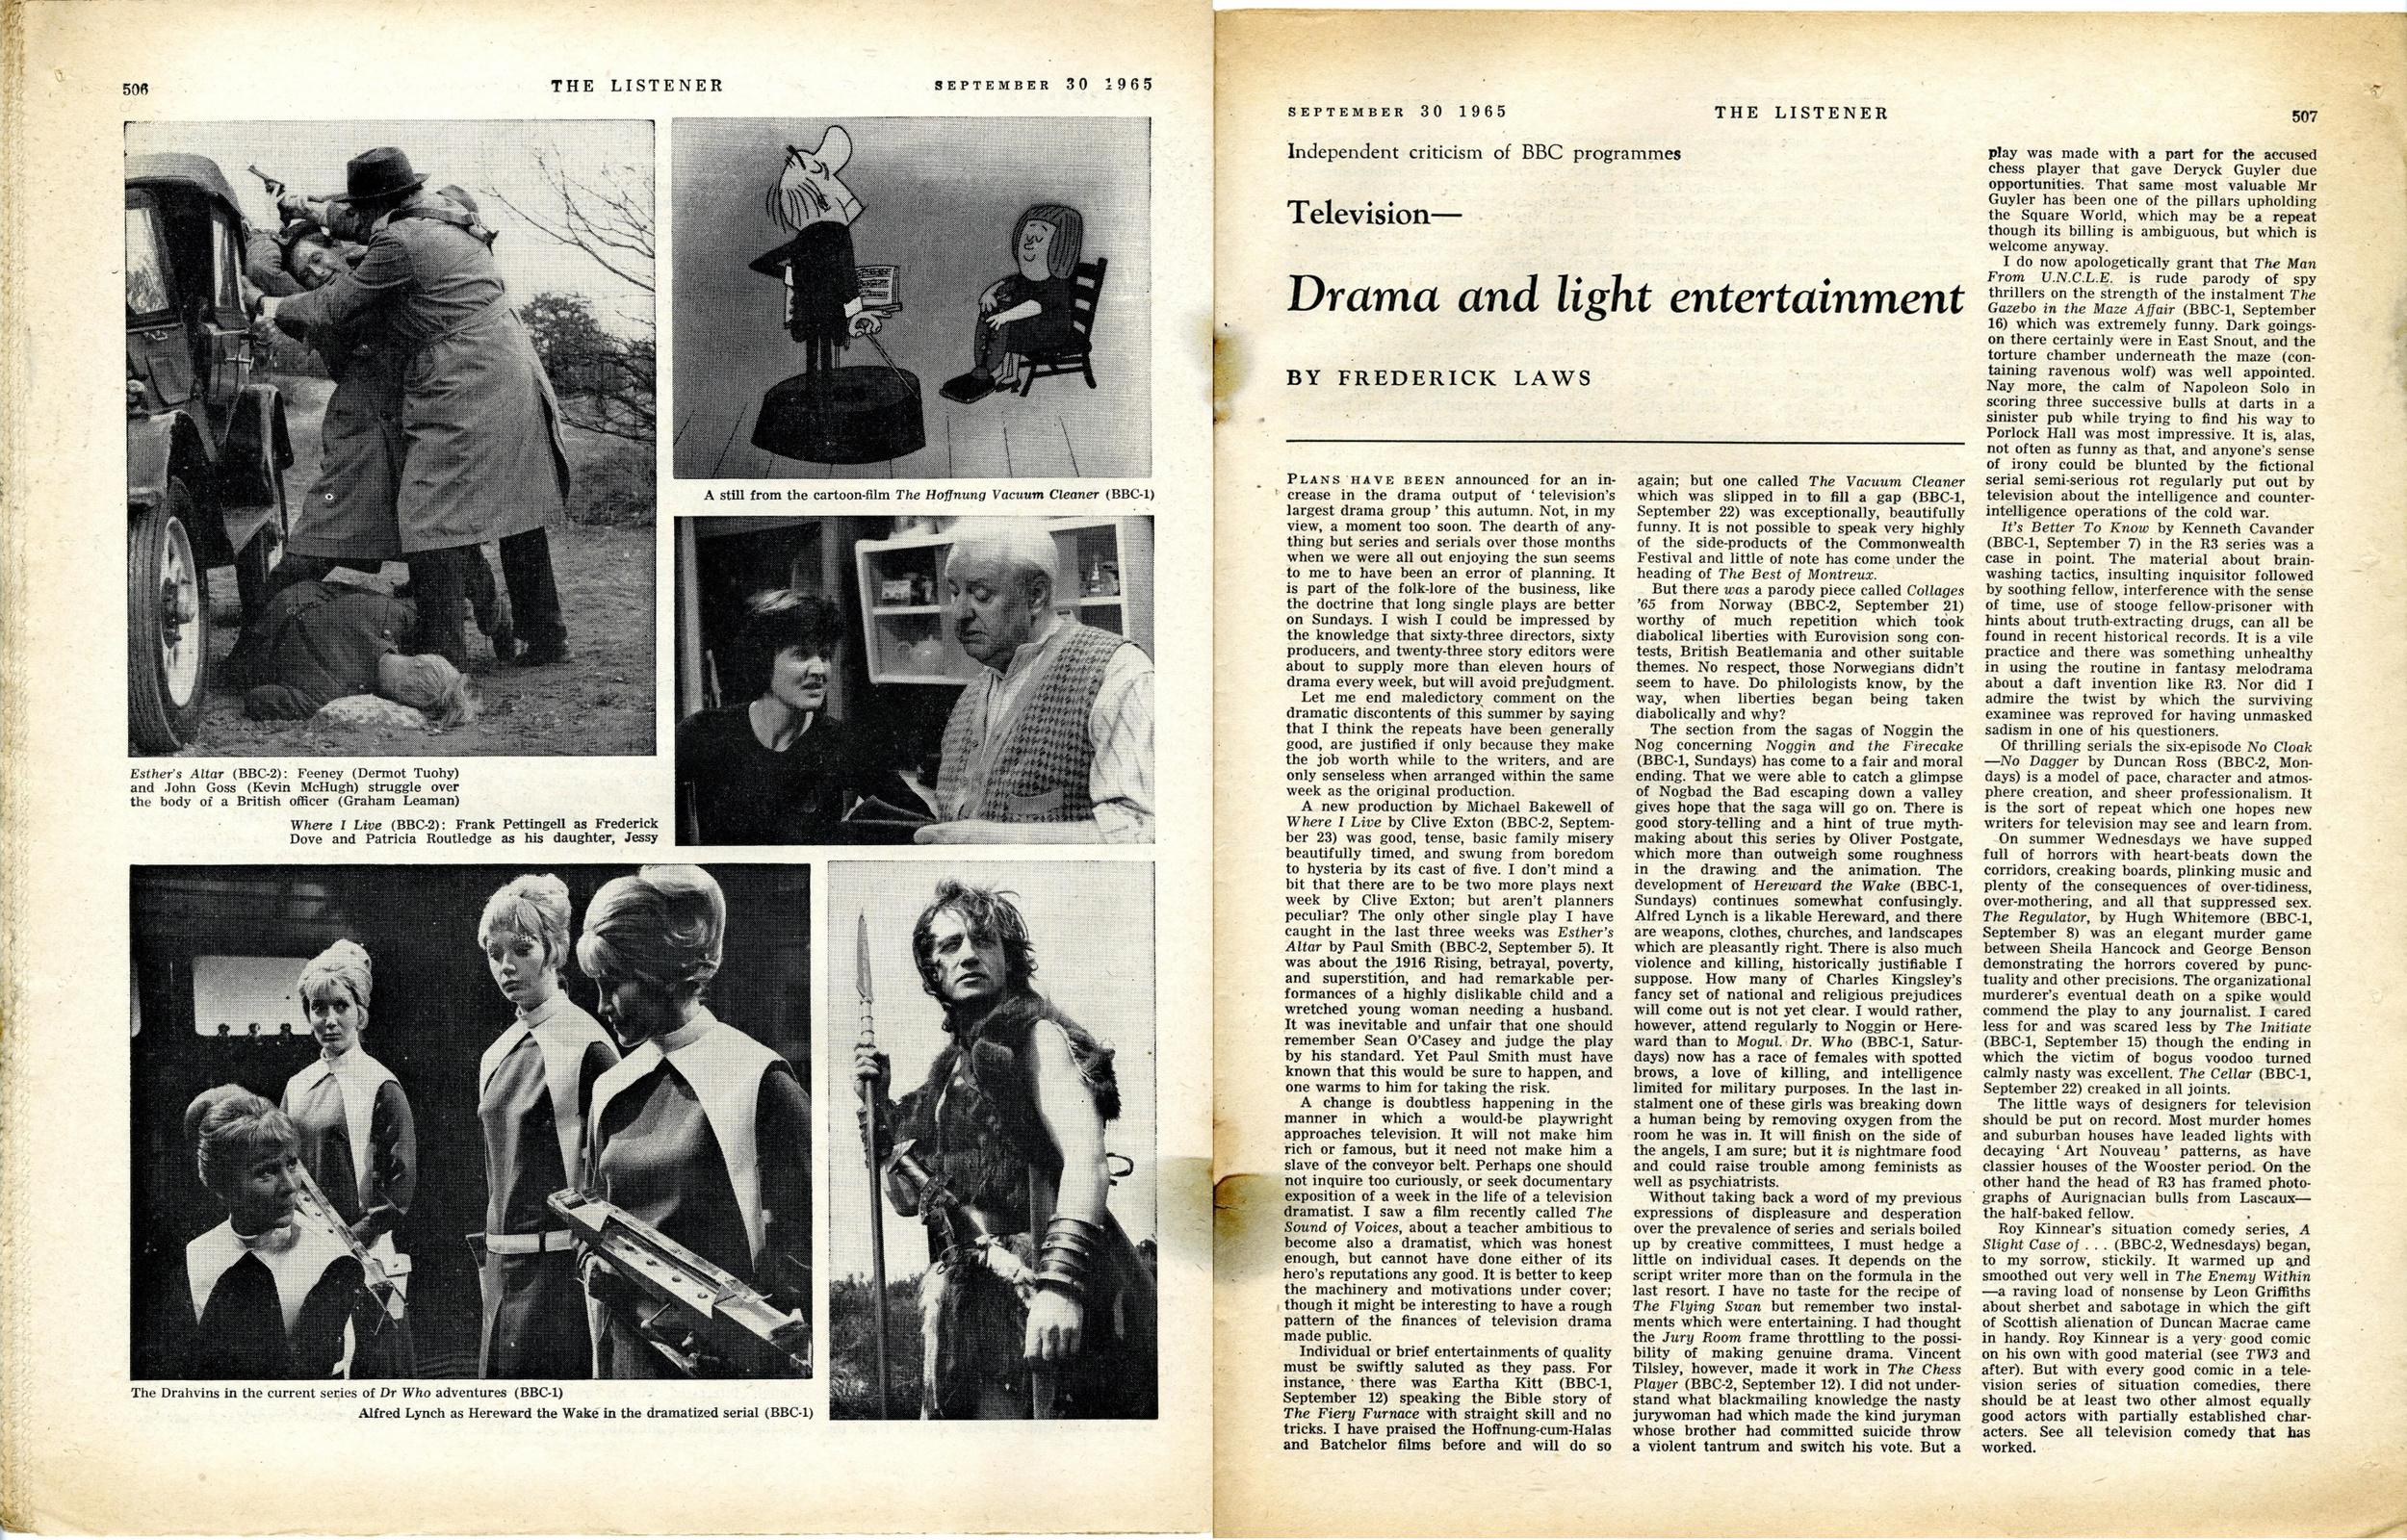 The Listener, September 30, 1965